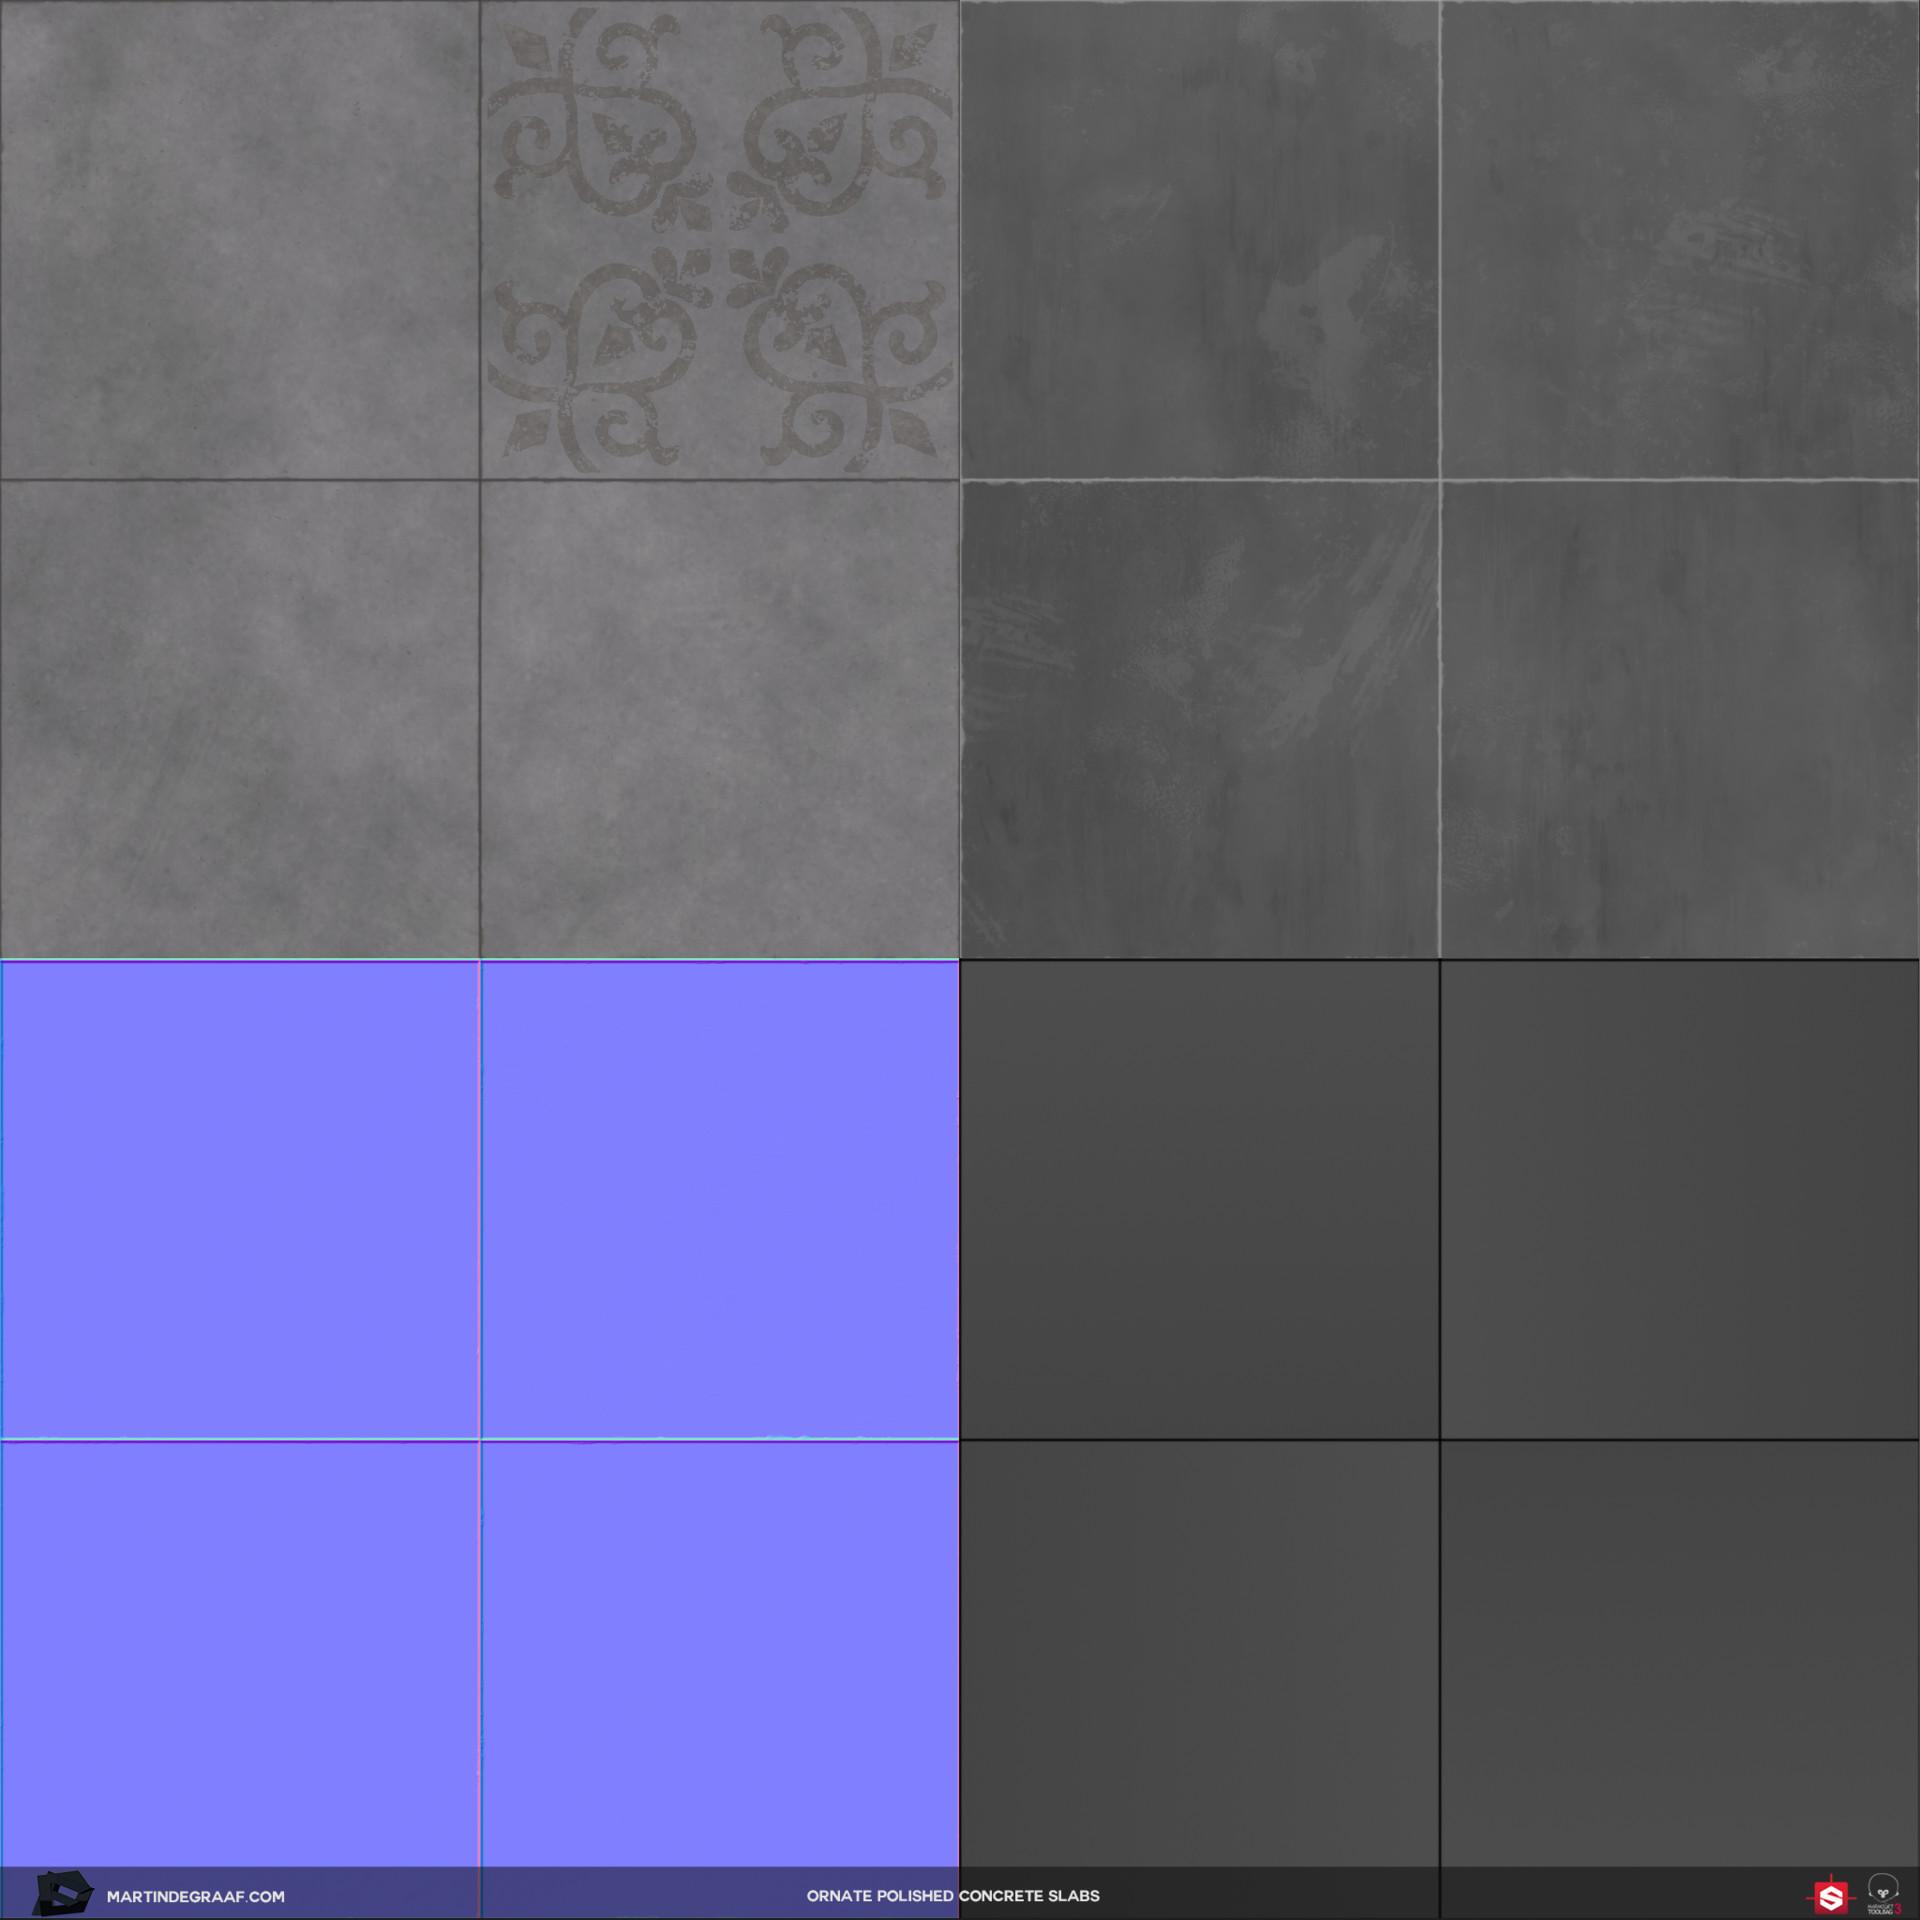 Martin de graaf ornate polished concrete slabs substance texturesheet martin de graaf 2017